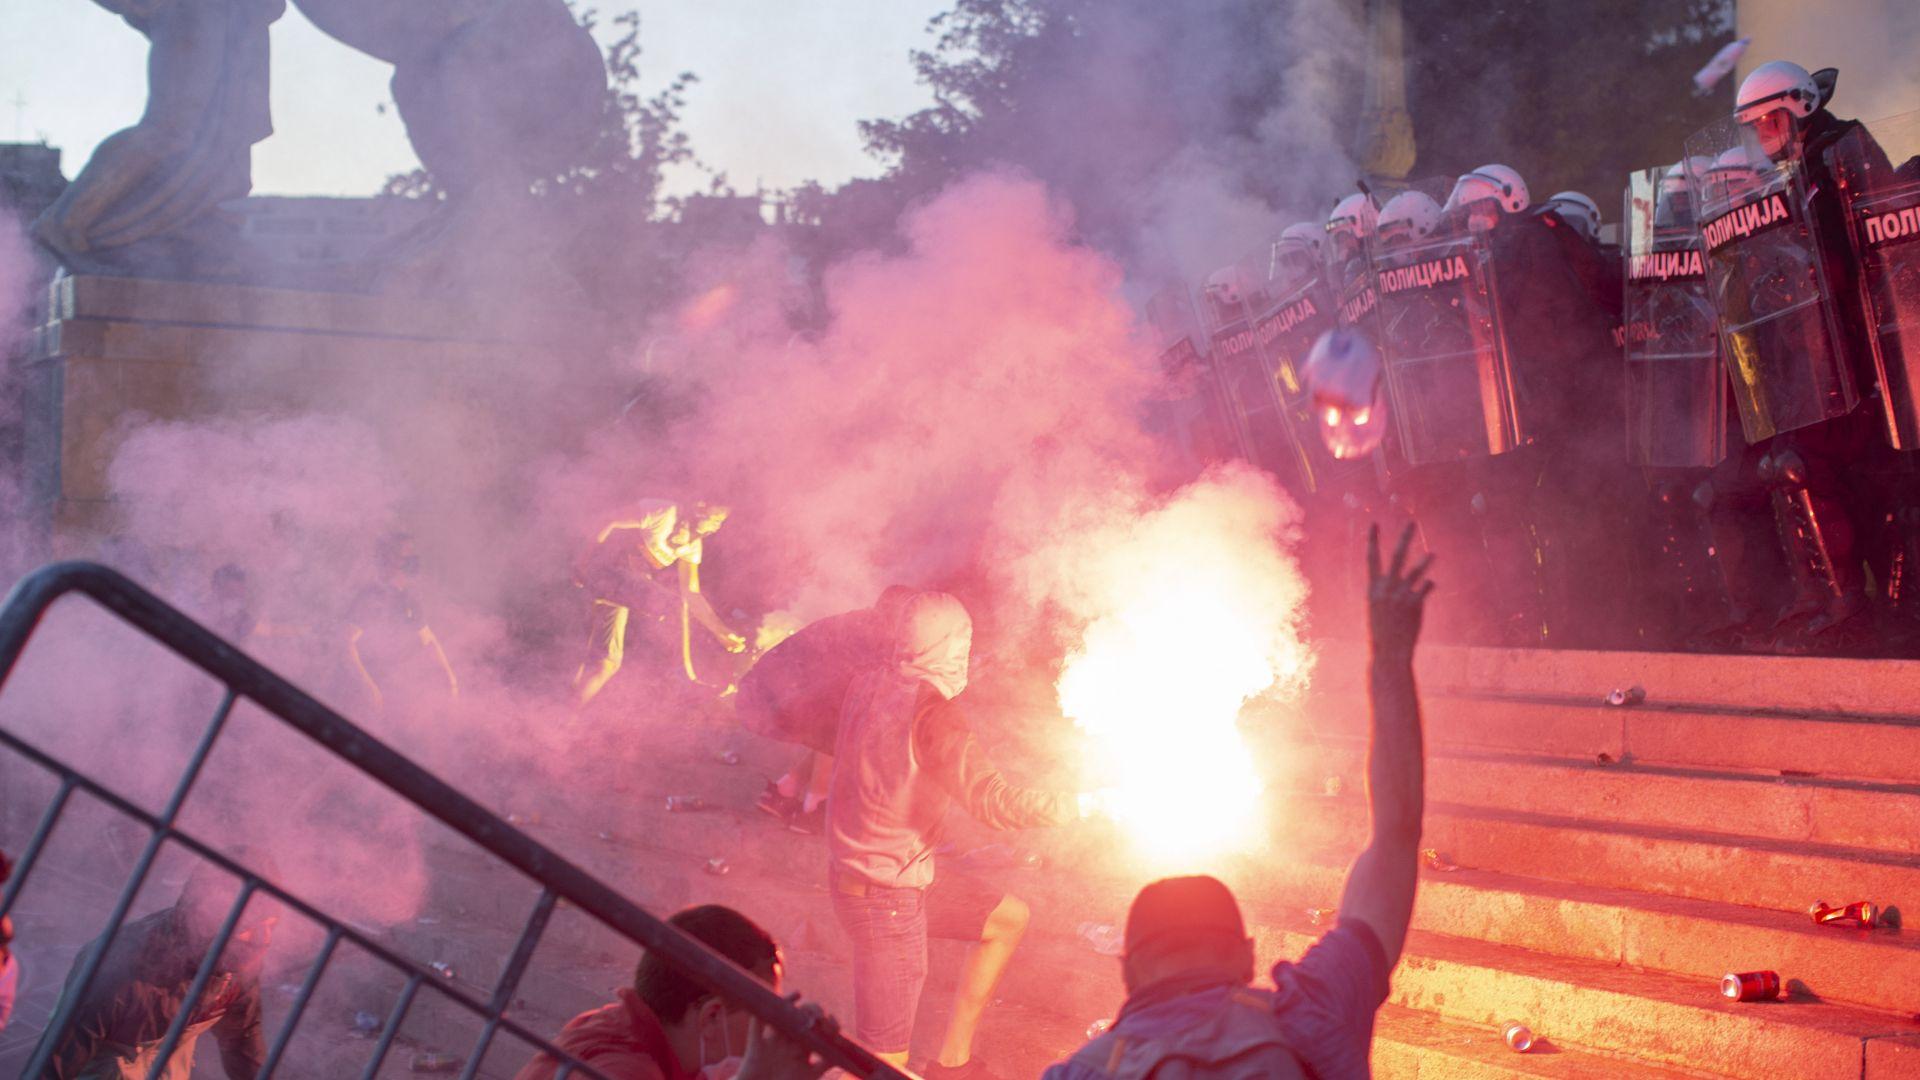 Втора нощ протести в Сърбия - факли и бутилки срещу полицията, тя пак отвърна със сълзотворен газ (видео)